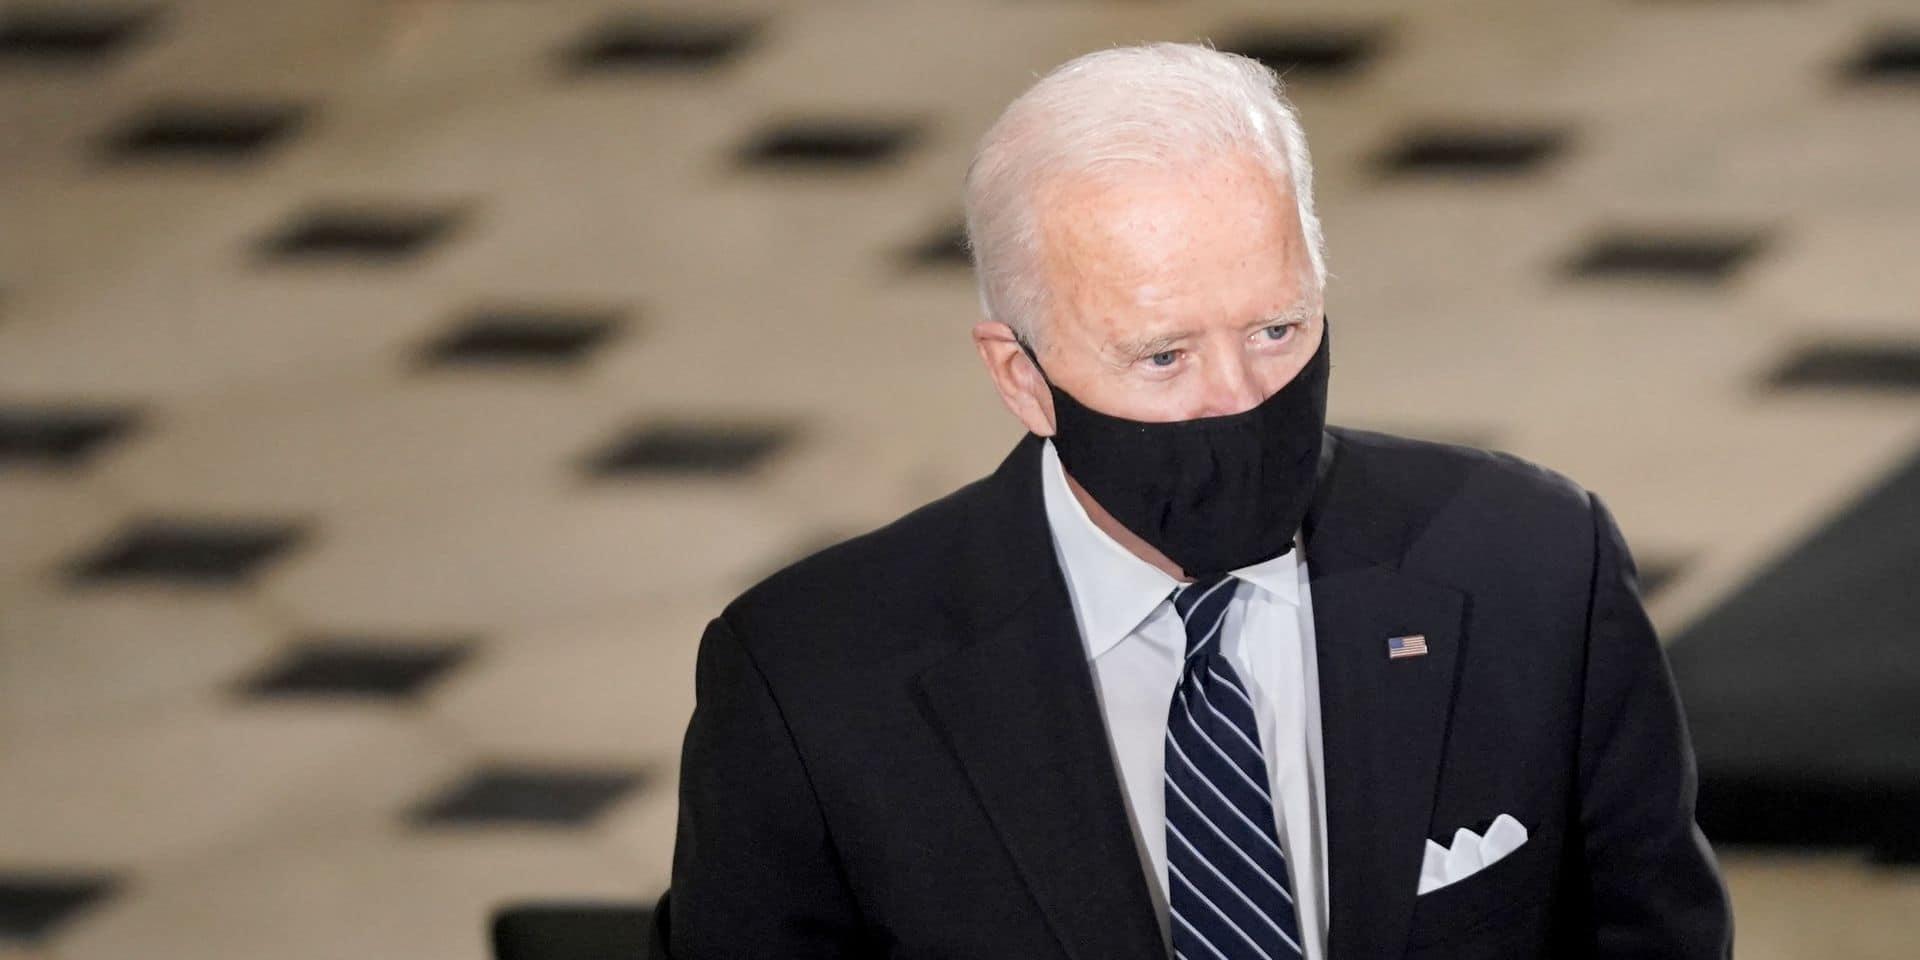 Joe Biden appelle le Sénat à ne pas confirmer la juge Barrett avant la présidentielle